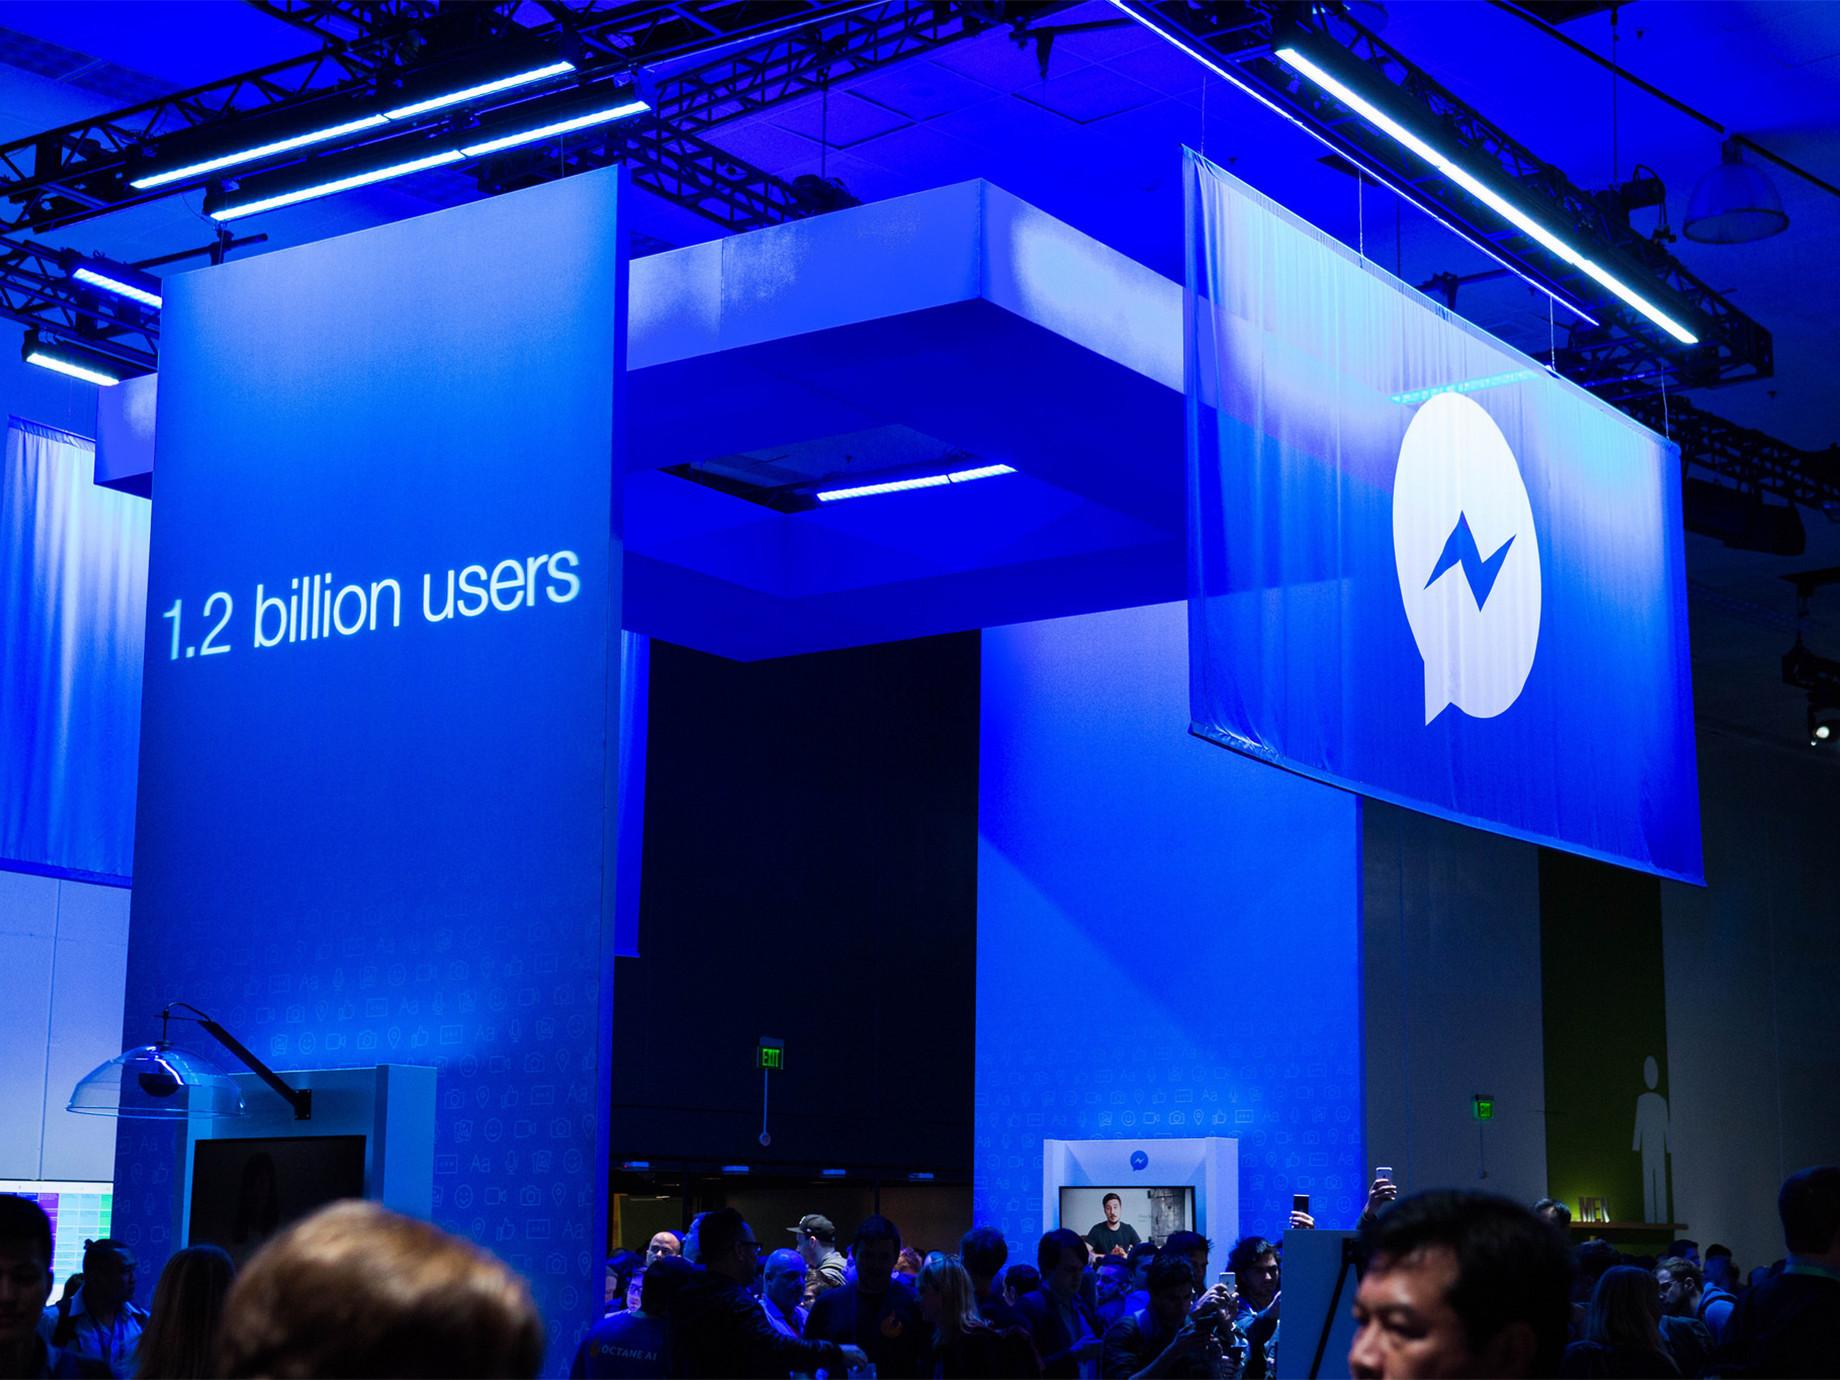 點擊率比Email高6倍!5招善用Facebook Messenger,成功用通訊軟體行銷